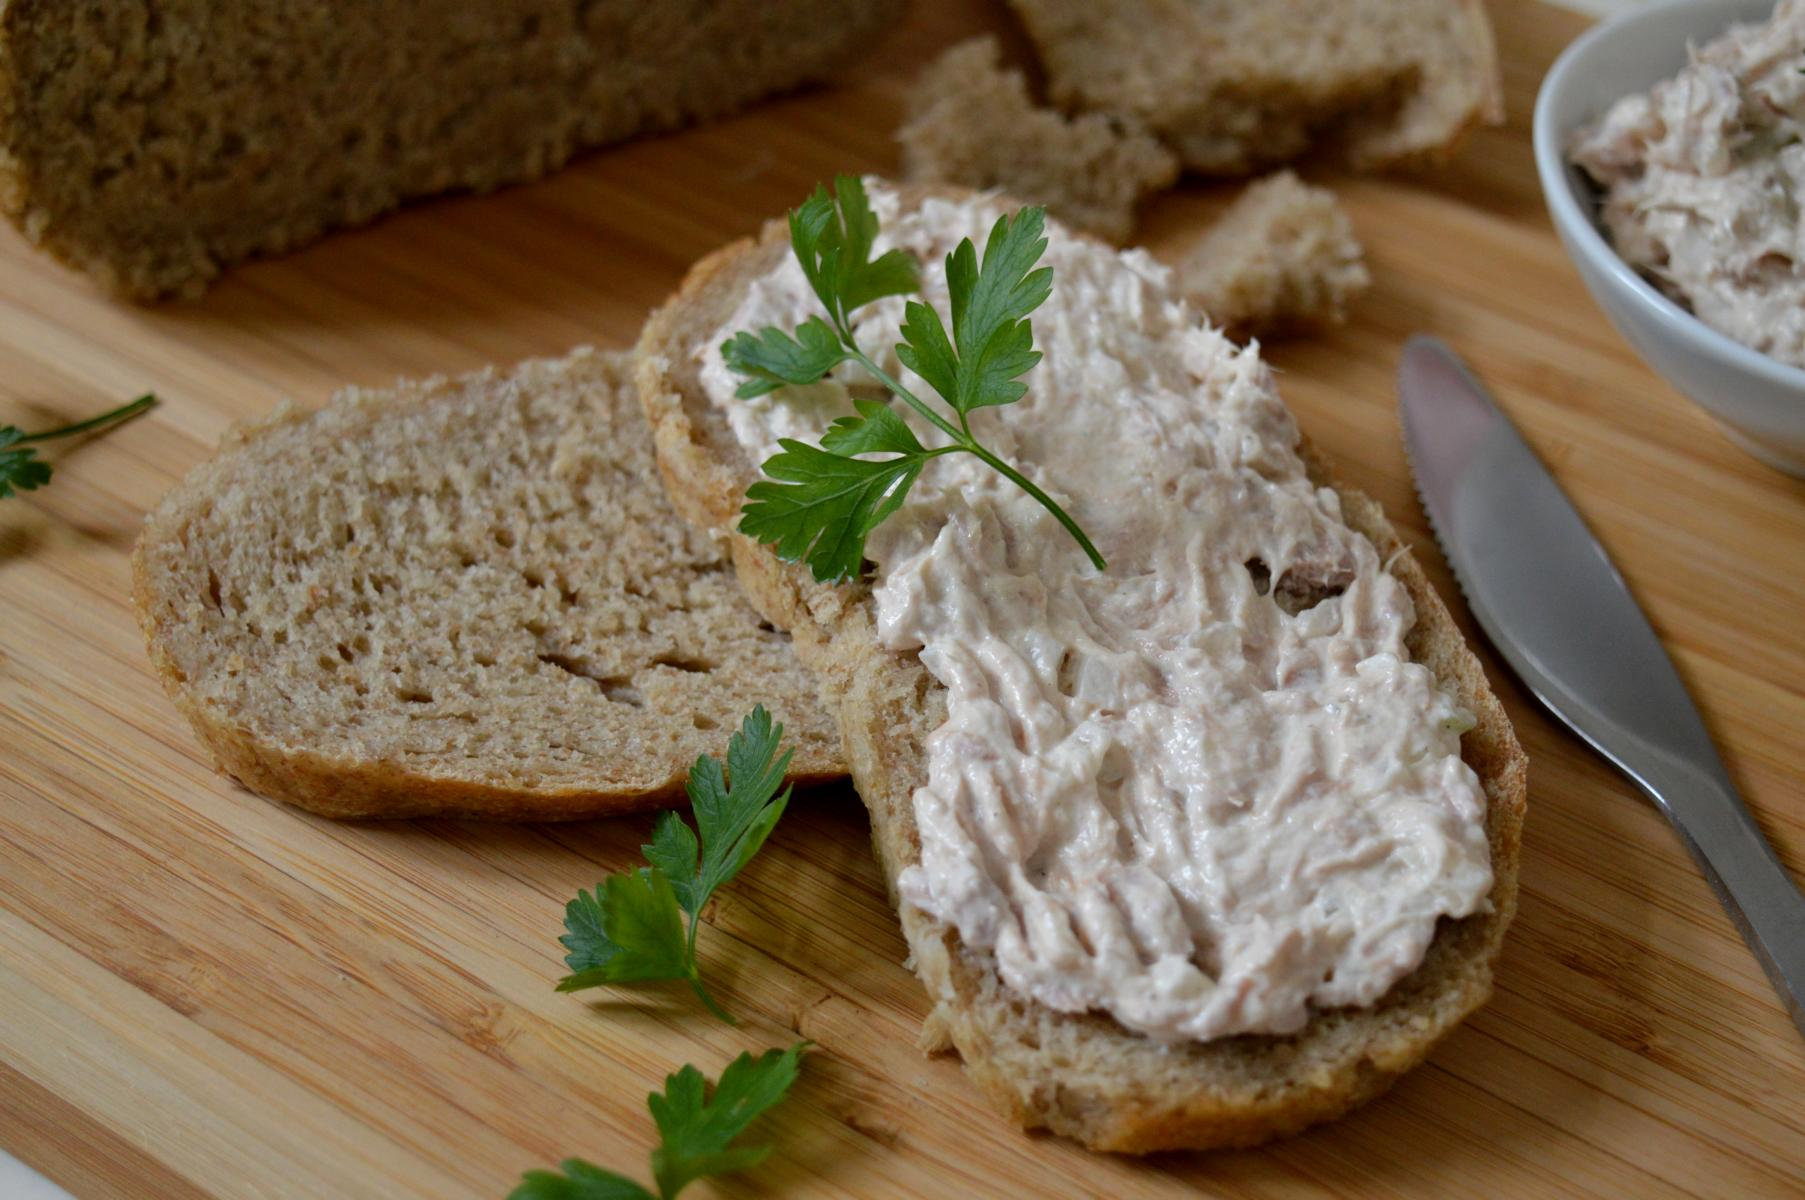 Schwäbisches Brot ist ganz einfach und schnell gemacht. Zusammen mit einem einfachen Thunfisch-Aufstrich sind alle Gäste begeistert.